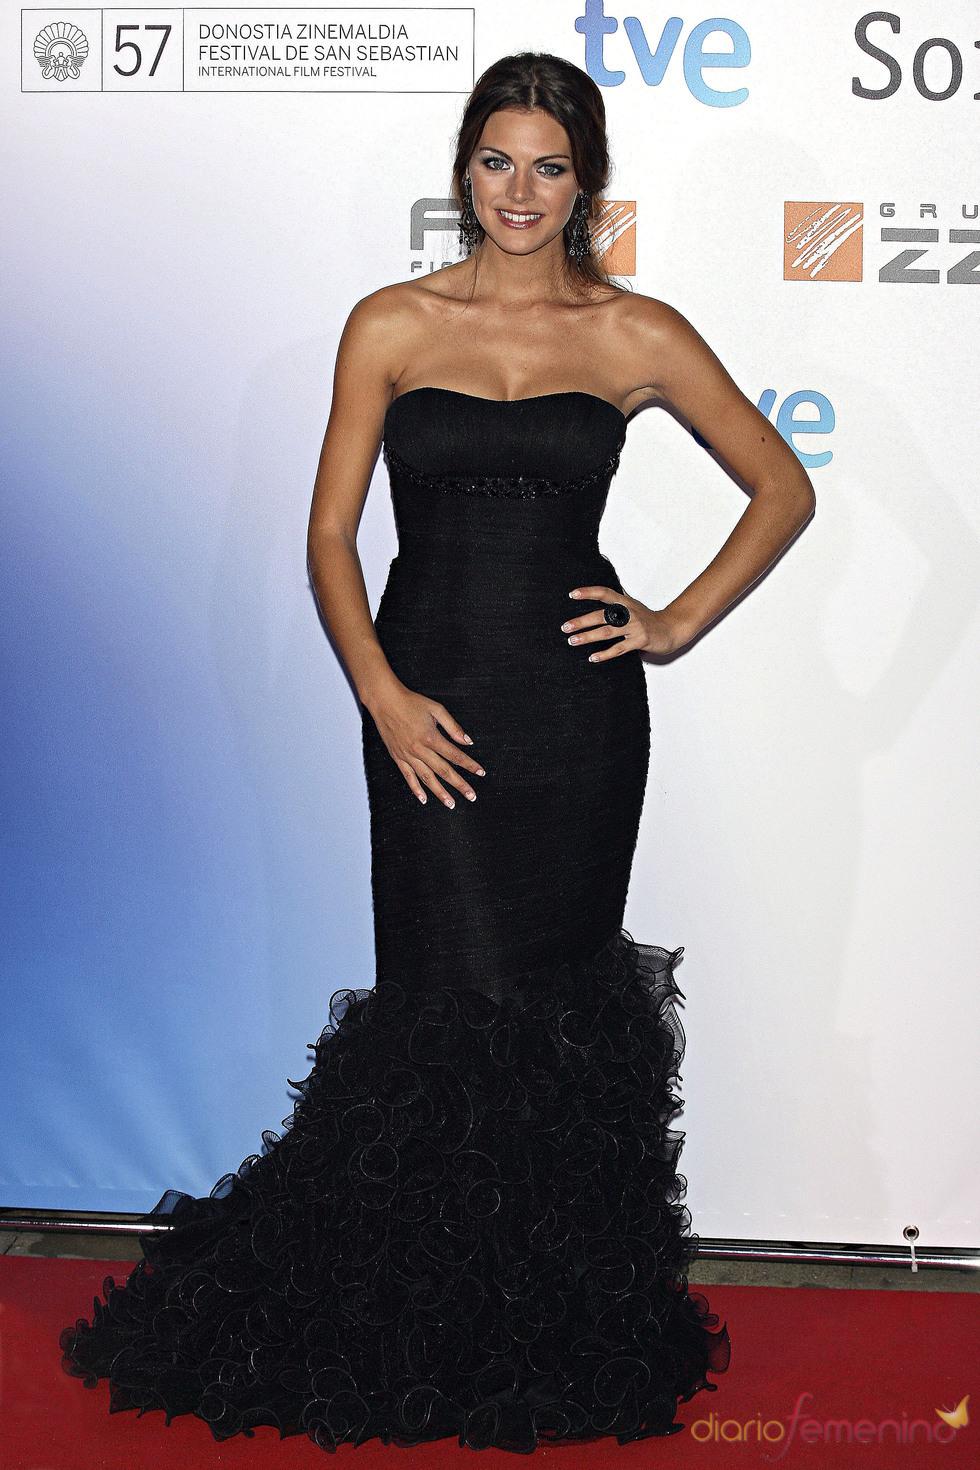 2014 vestidos novia gitana de calidad - YouTube